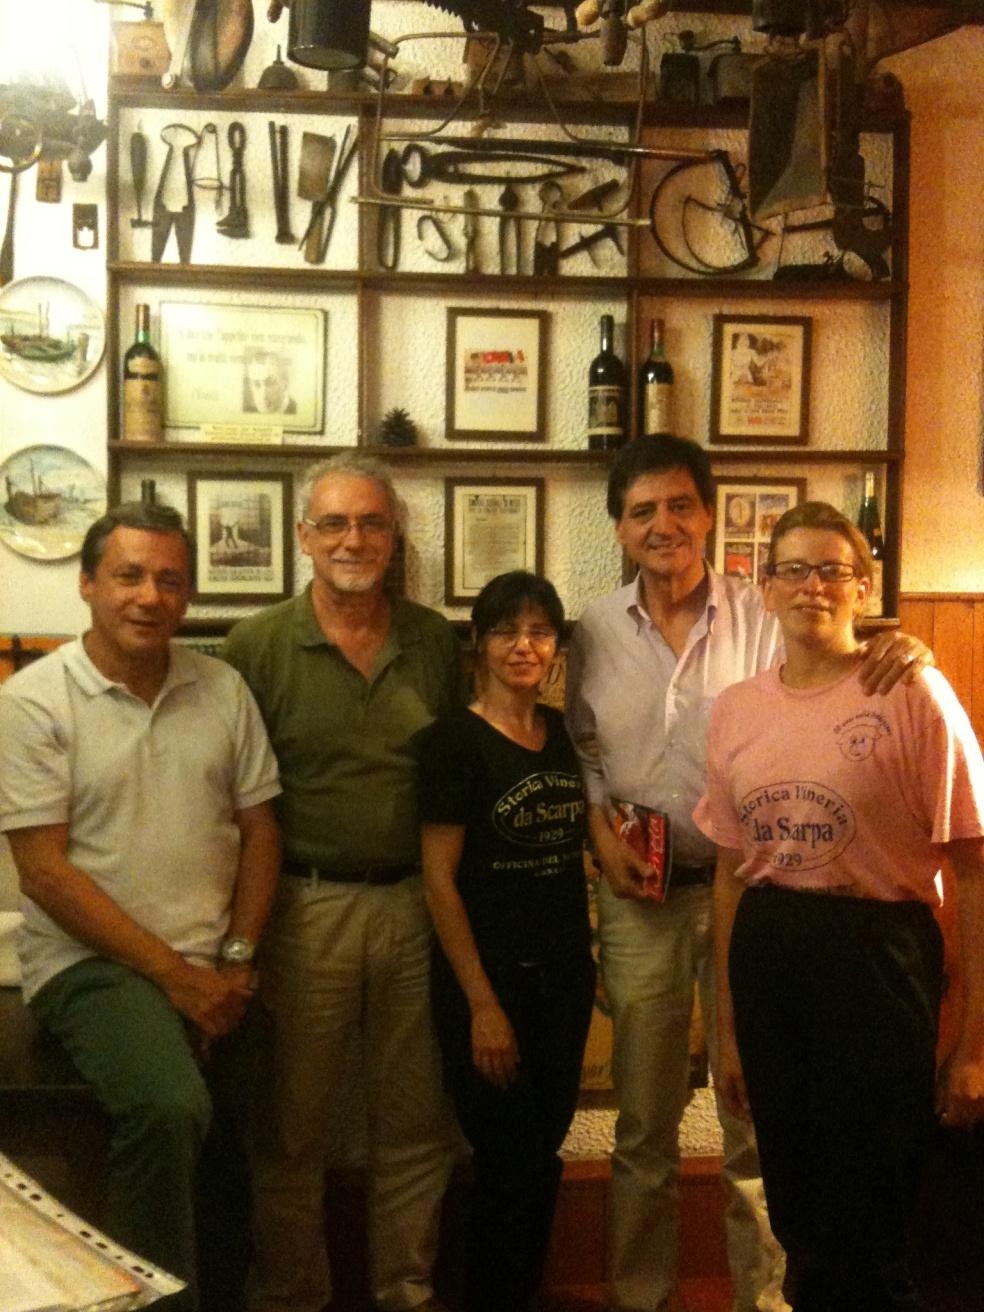 Da sinistra Morandini, e in piedi Efrem Tassinato e Walter Casasola